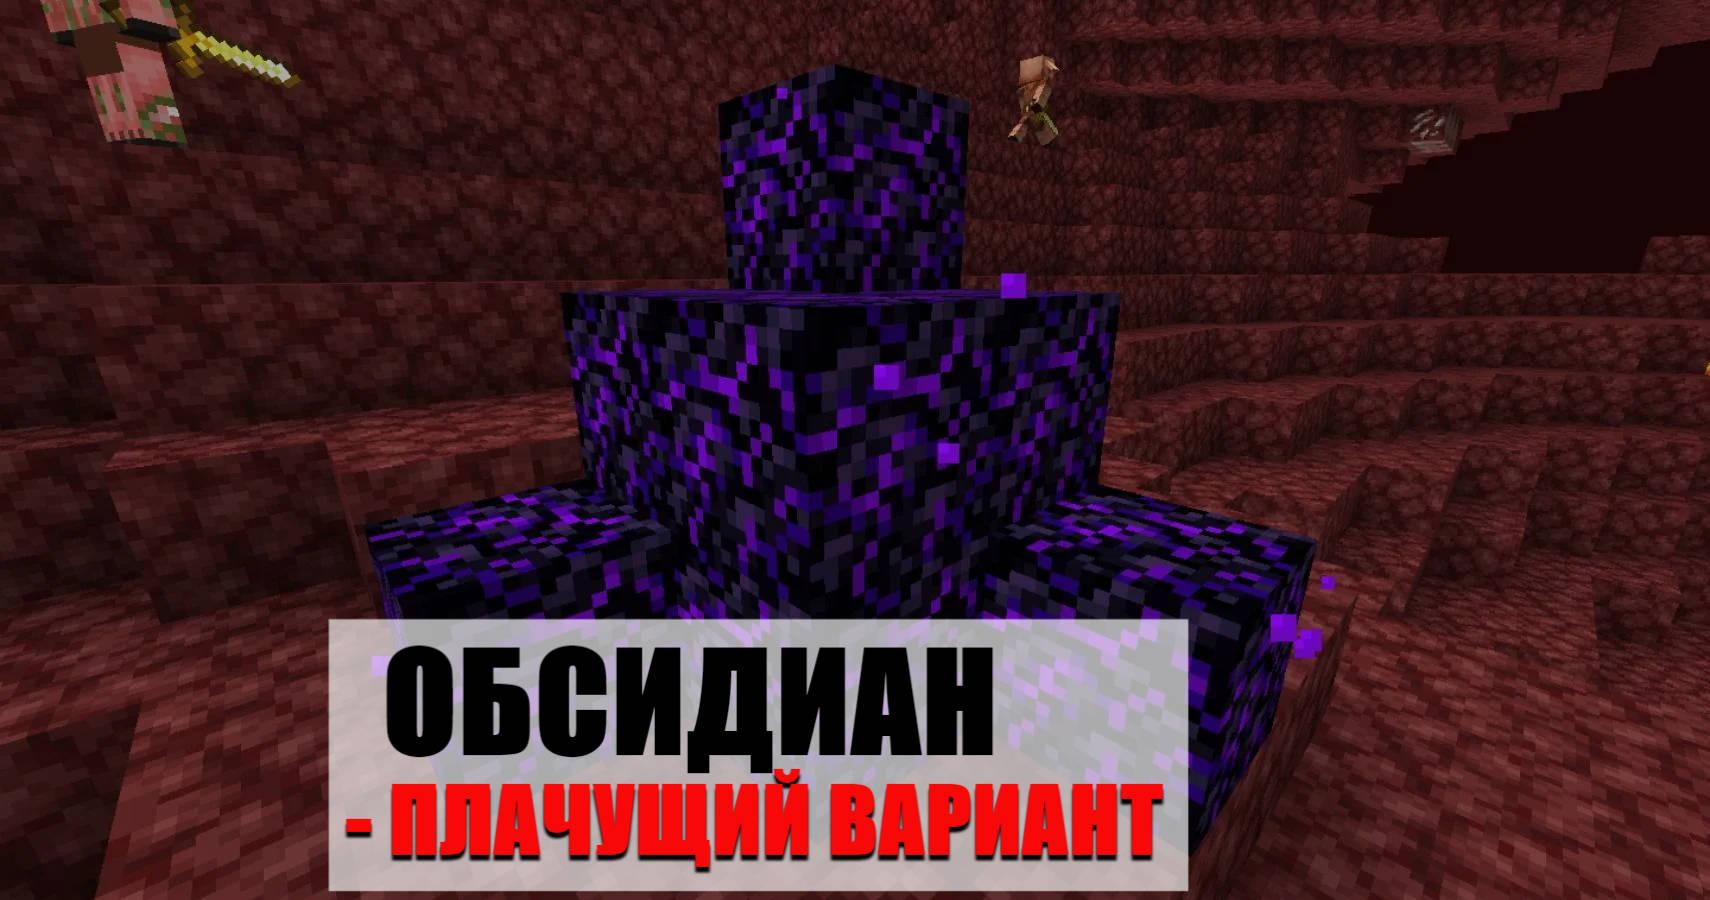 Порталы и обсидиан в Майнкрафт 1.16